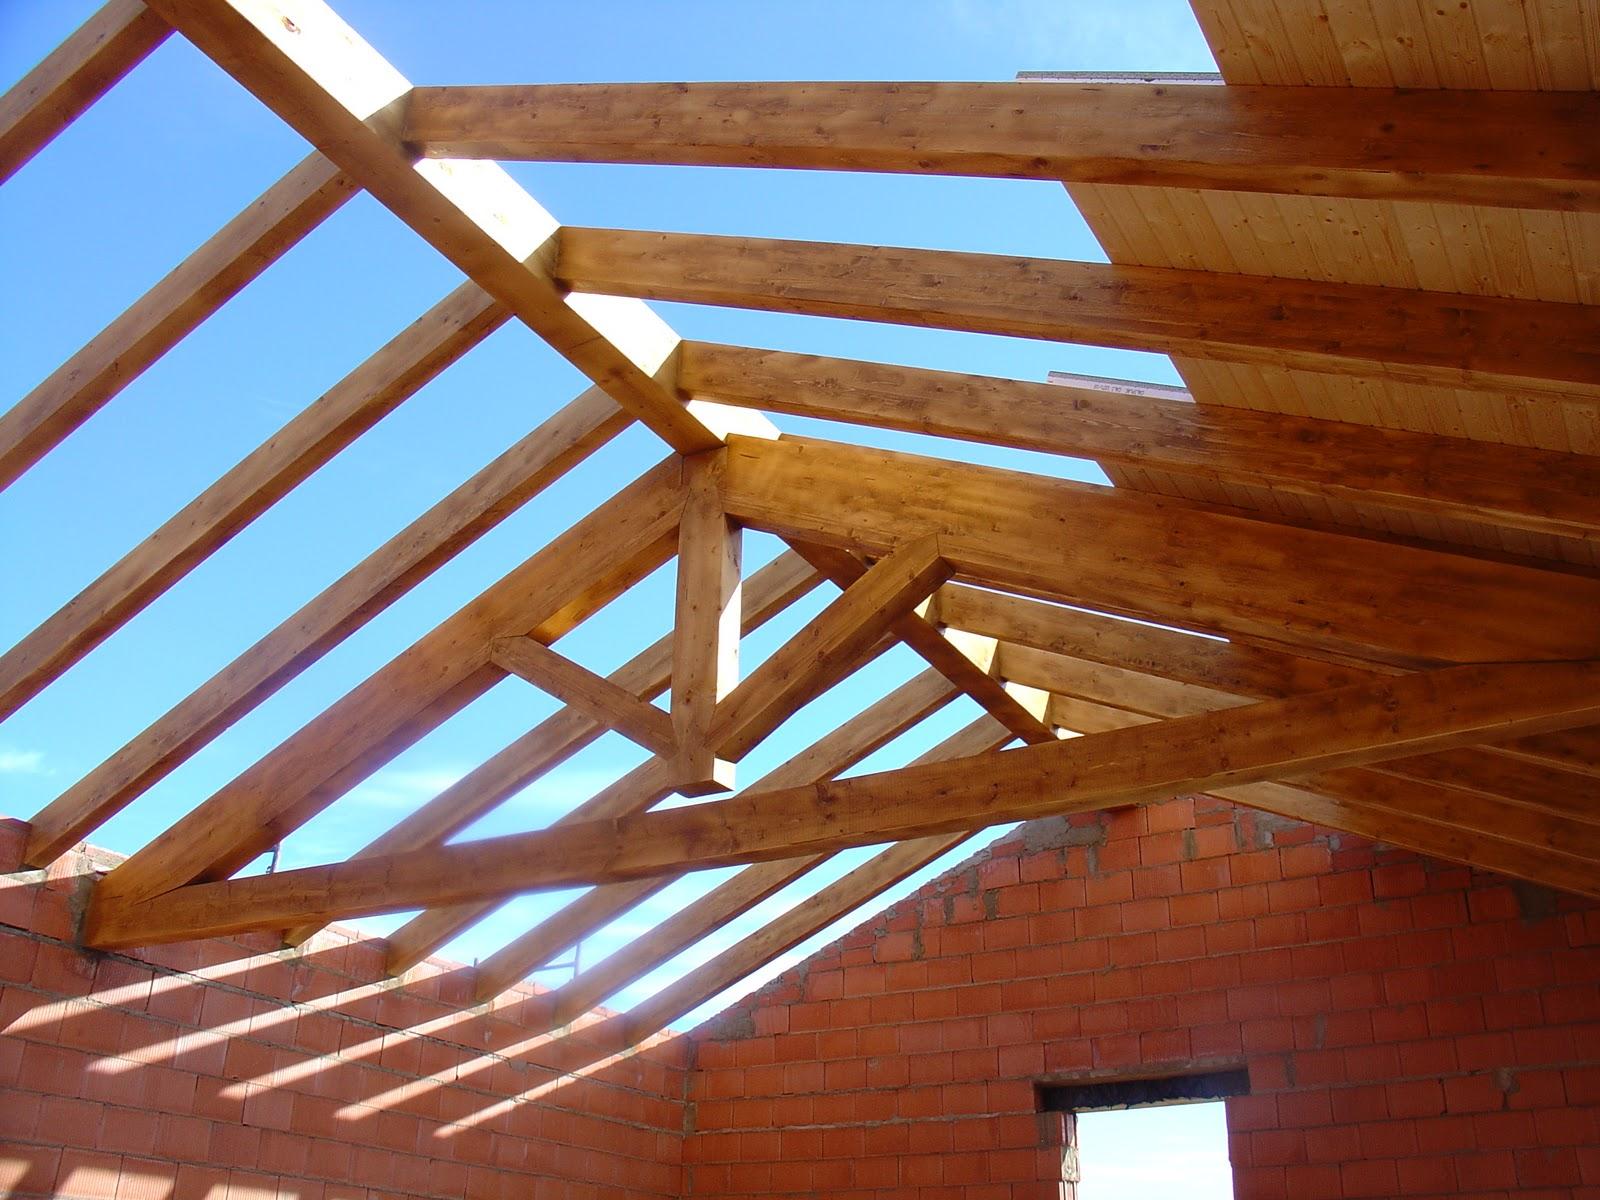 Pope carpinter a tradicional tejado de madera for Tejados vigas de madera